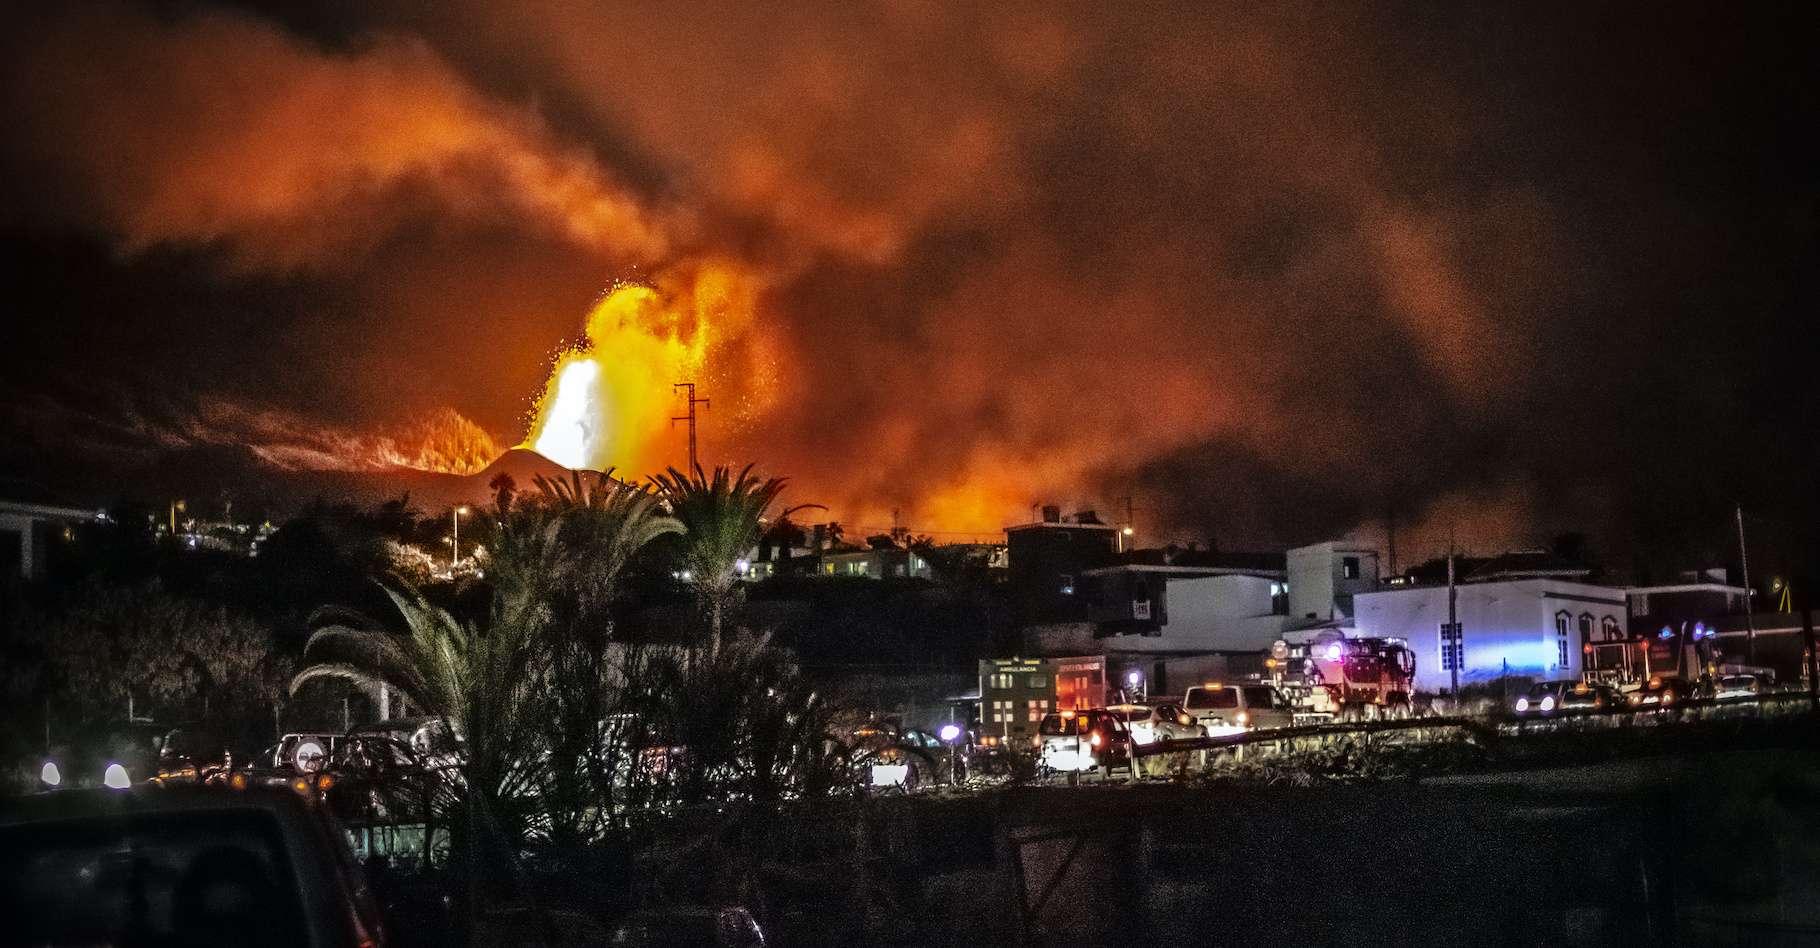 Suite à l'éruption du Cumbre Vieja, des ondes de gravité se sont formées au-dessus du volcan, dispersant les cendres et les gaz de manière horizontale. © Pablo, Adobe Stock